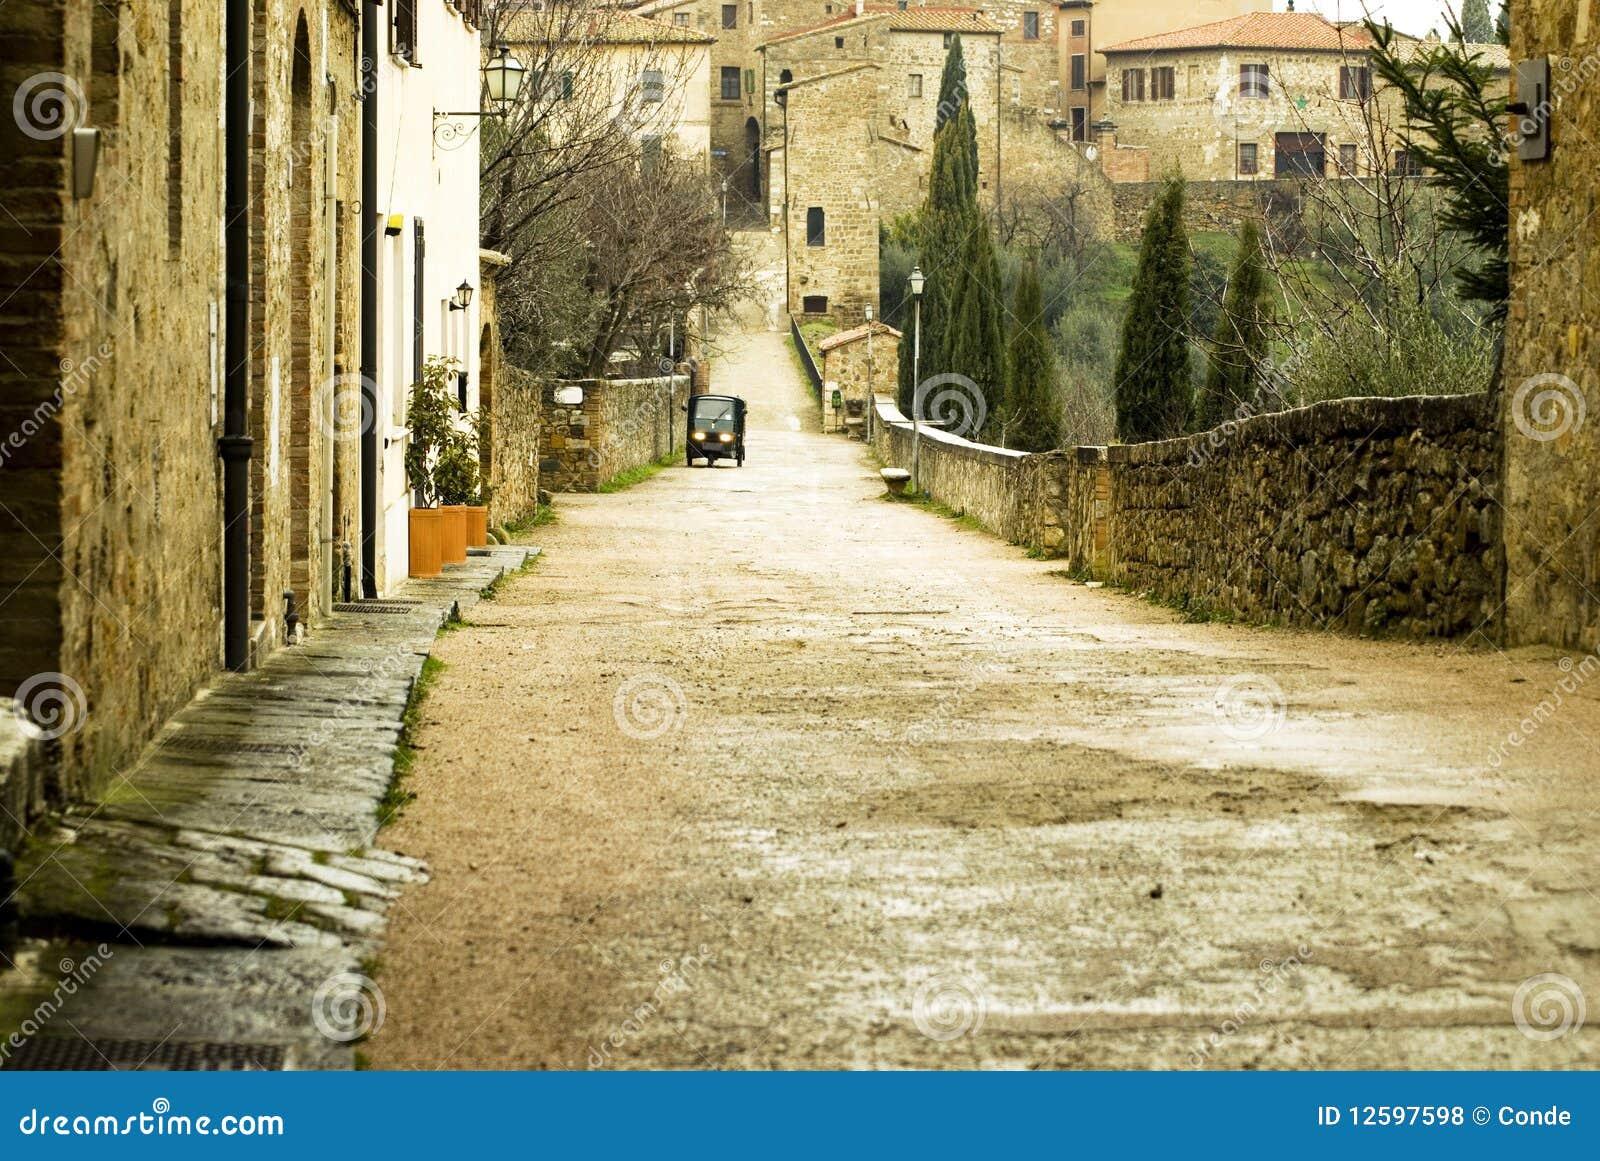 Italy plats tipical tuscany